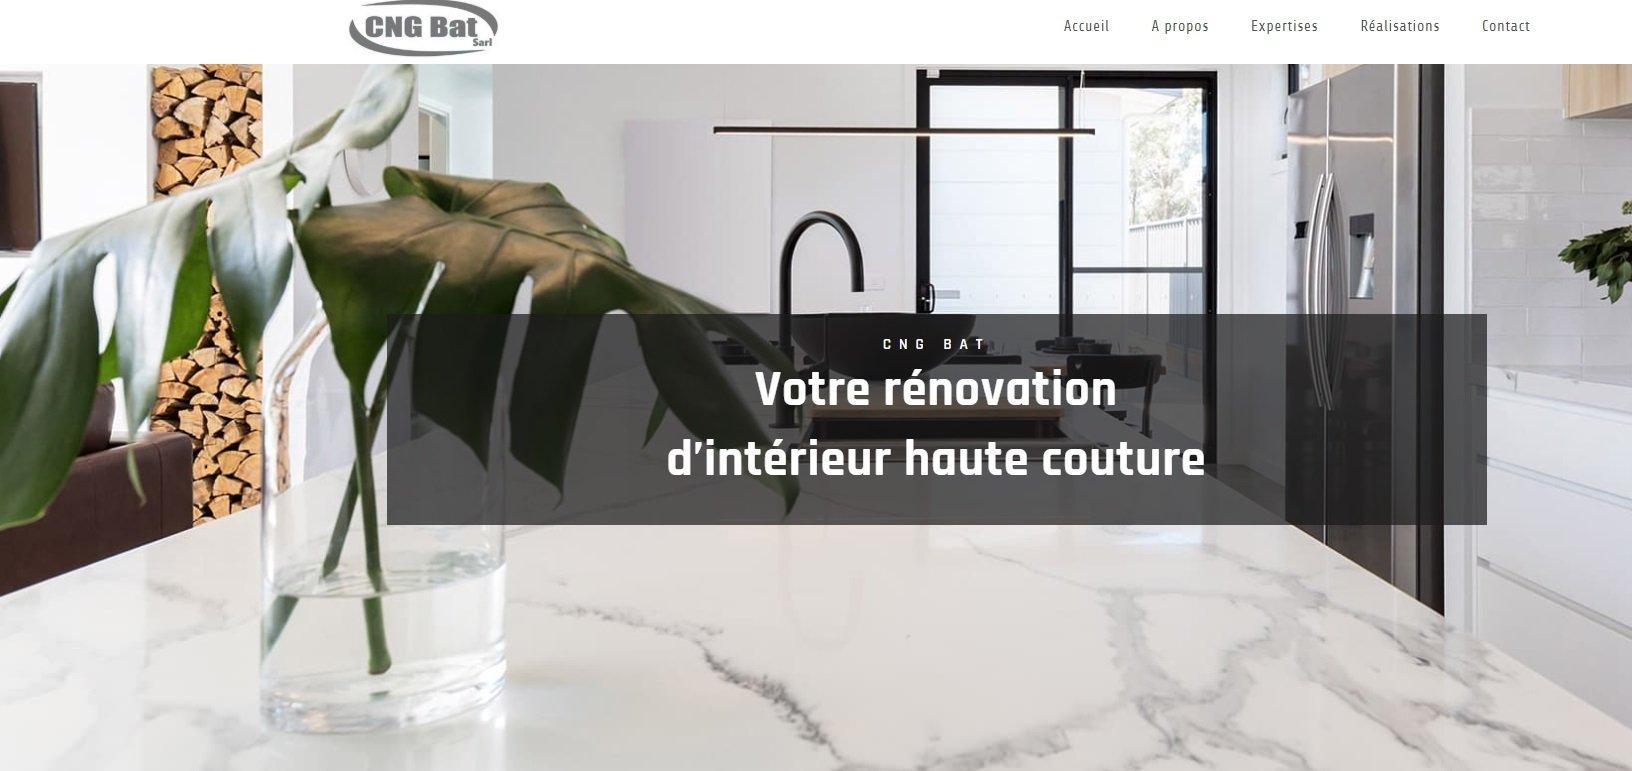 CNG BAT Rénovation bâtiment haute couture